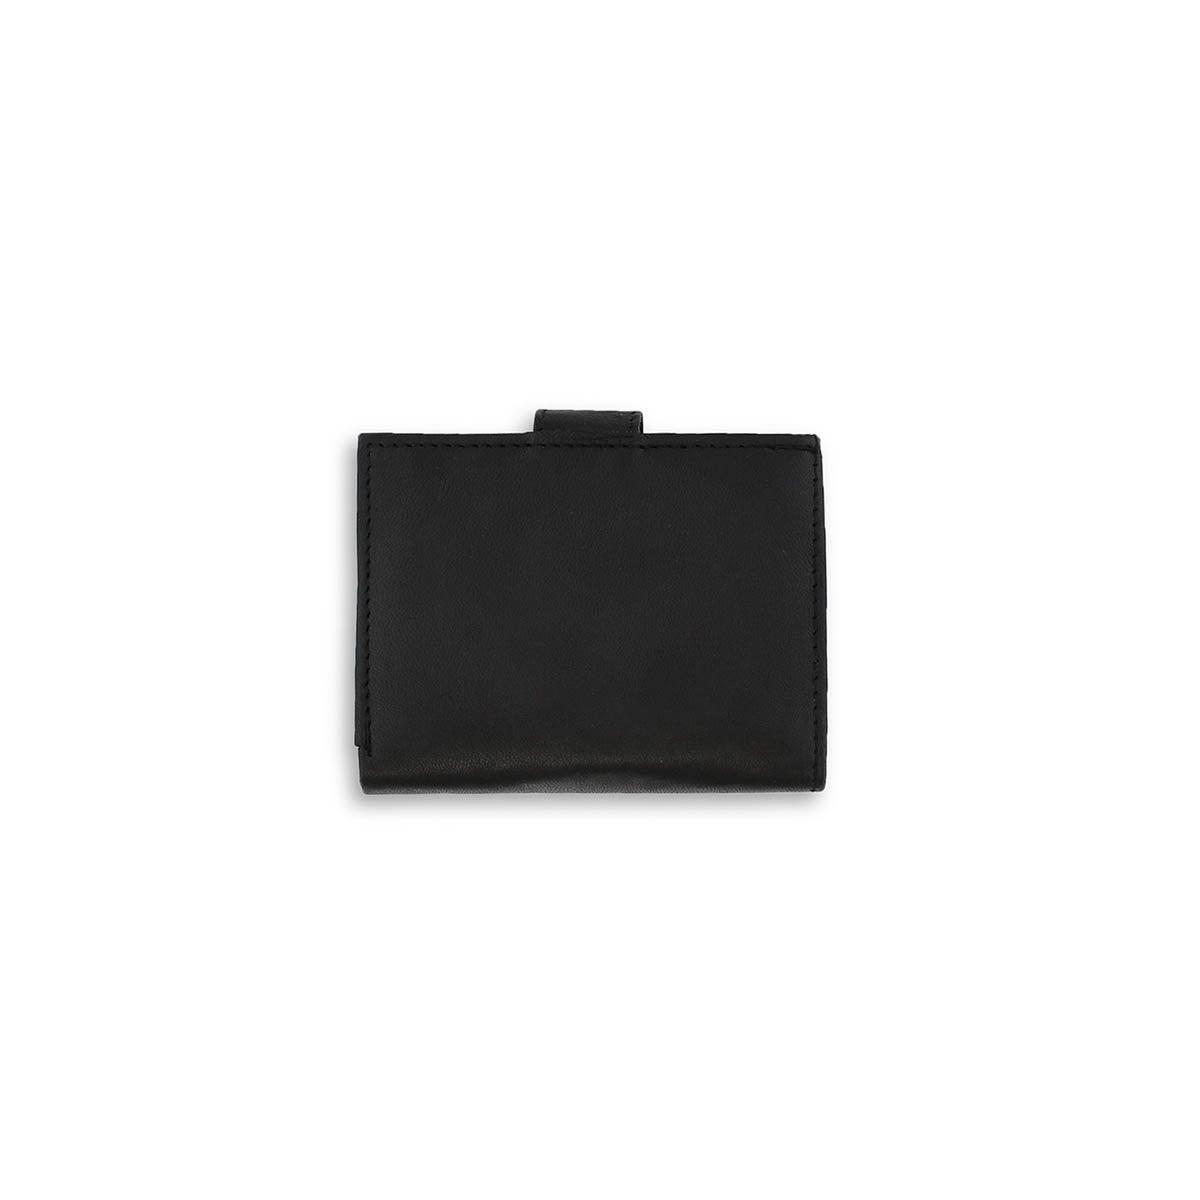 Mns black RFID cardholder wallet